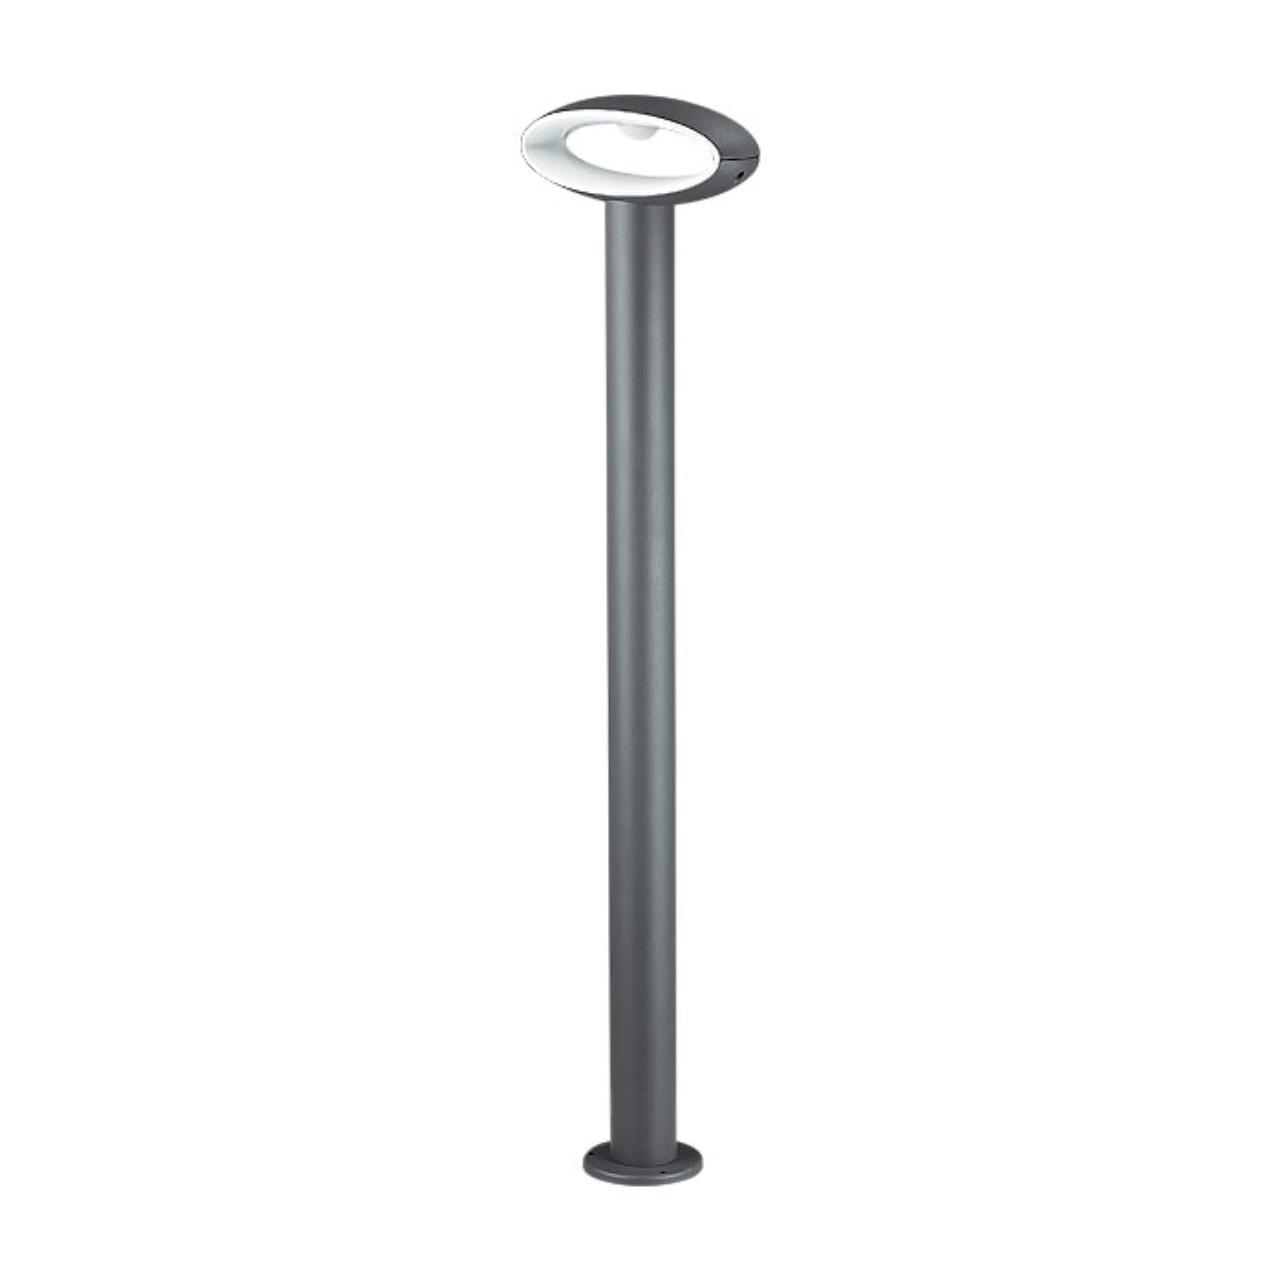 357406 STREET NT17 161 темно-серый Ландшафтный светильник IP54 LED 3000K 9W 220-240V KAIMAS